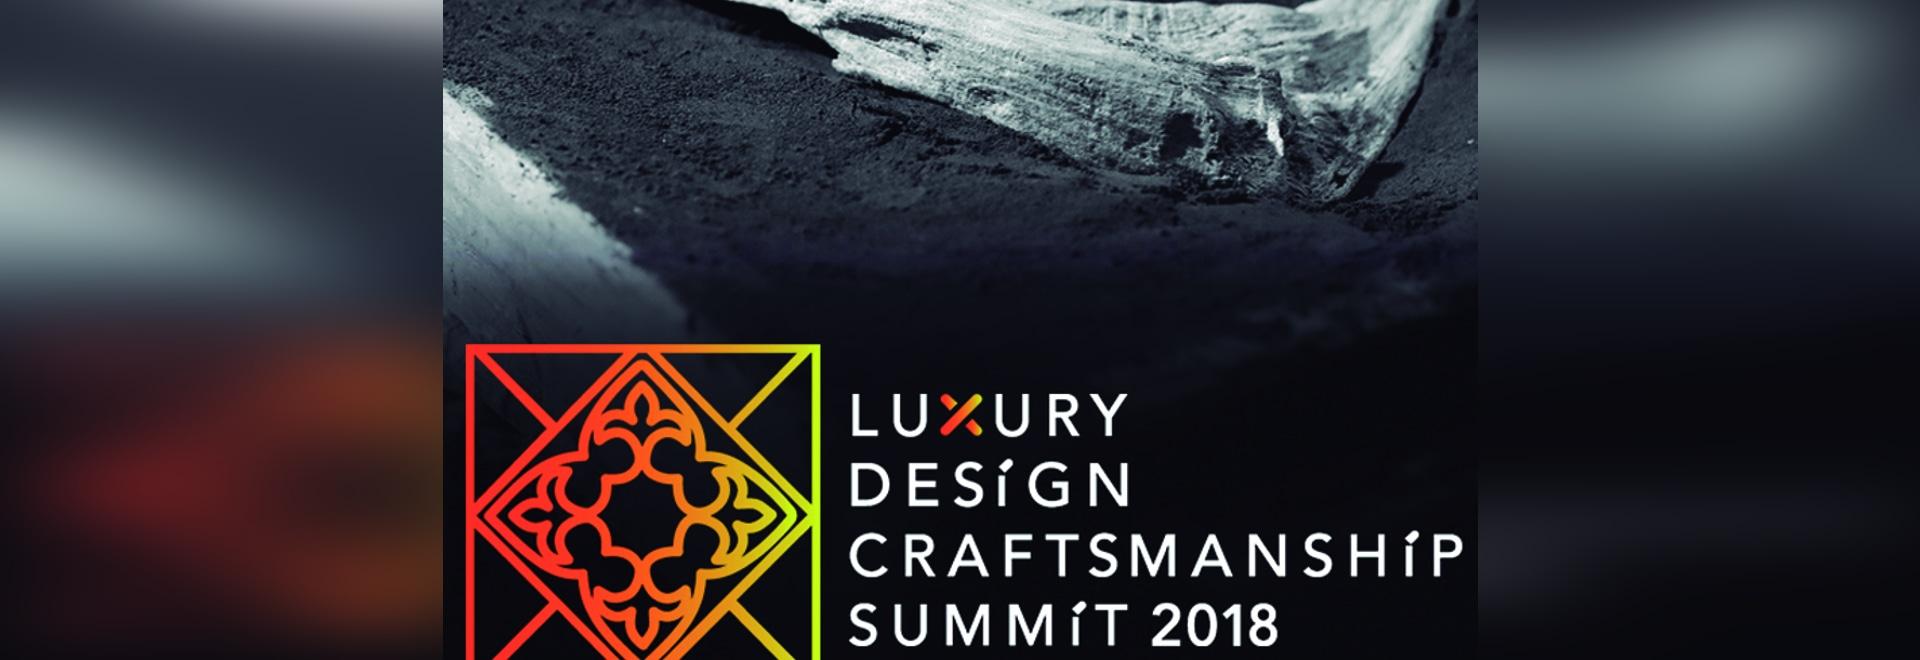 Luxury Design & Craftsmanship Summit – Highlights